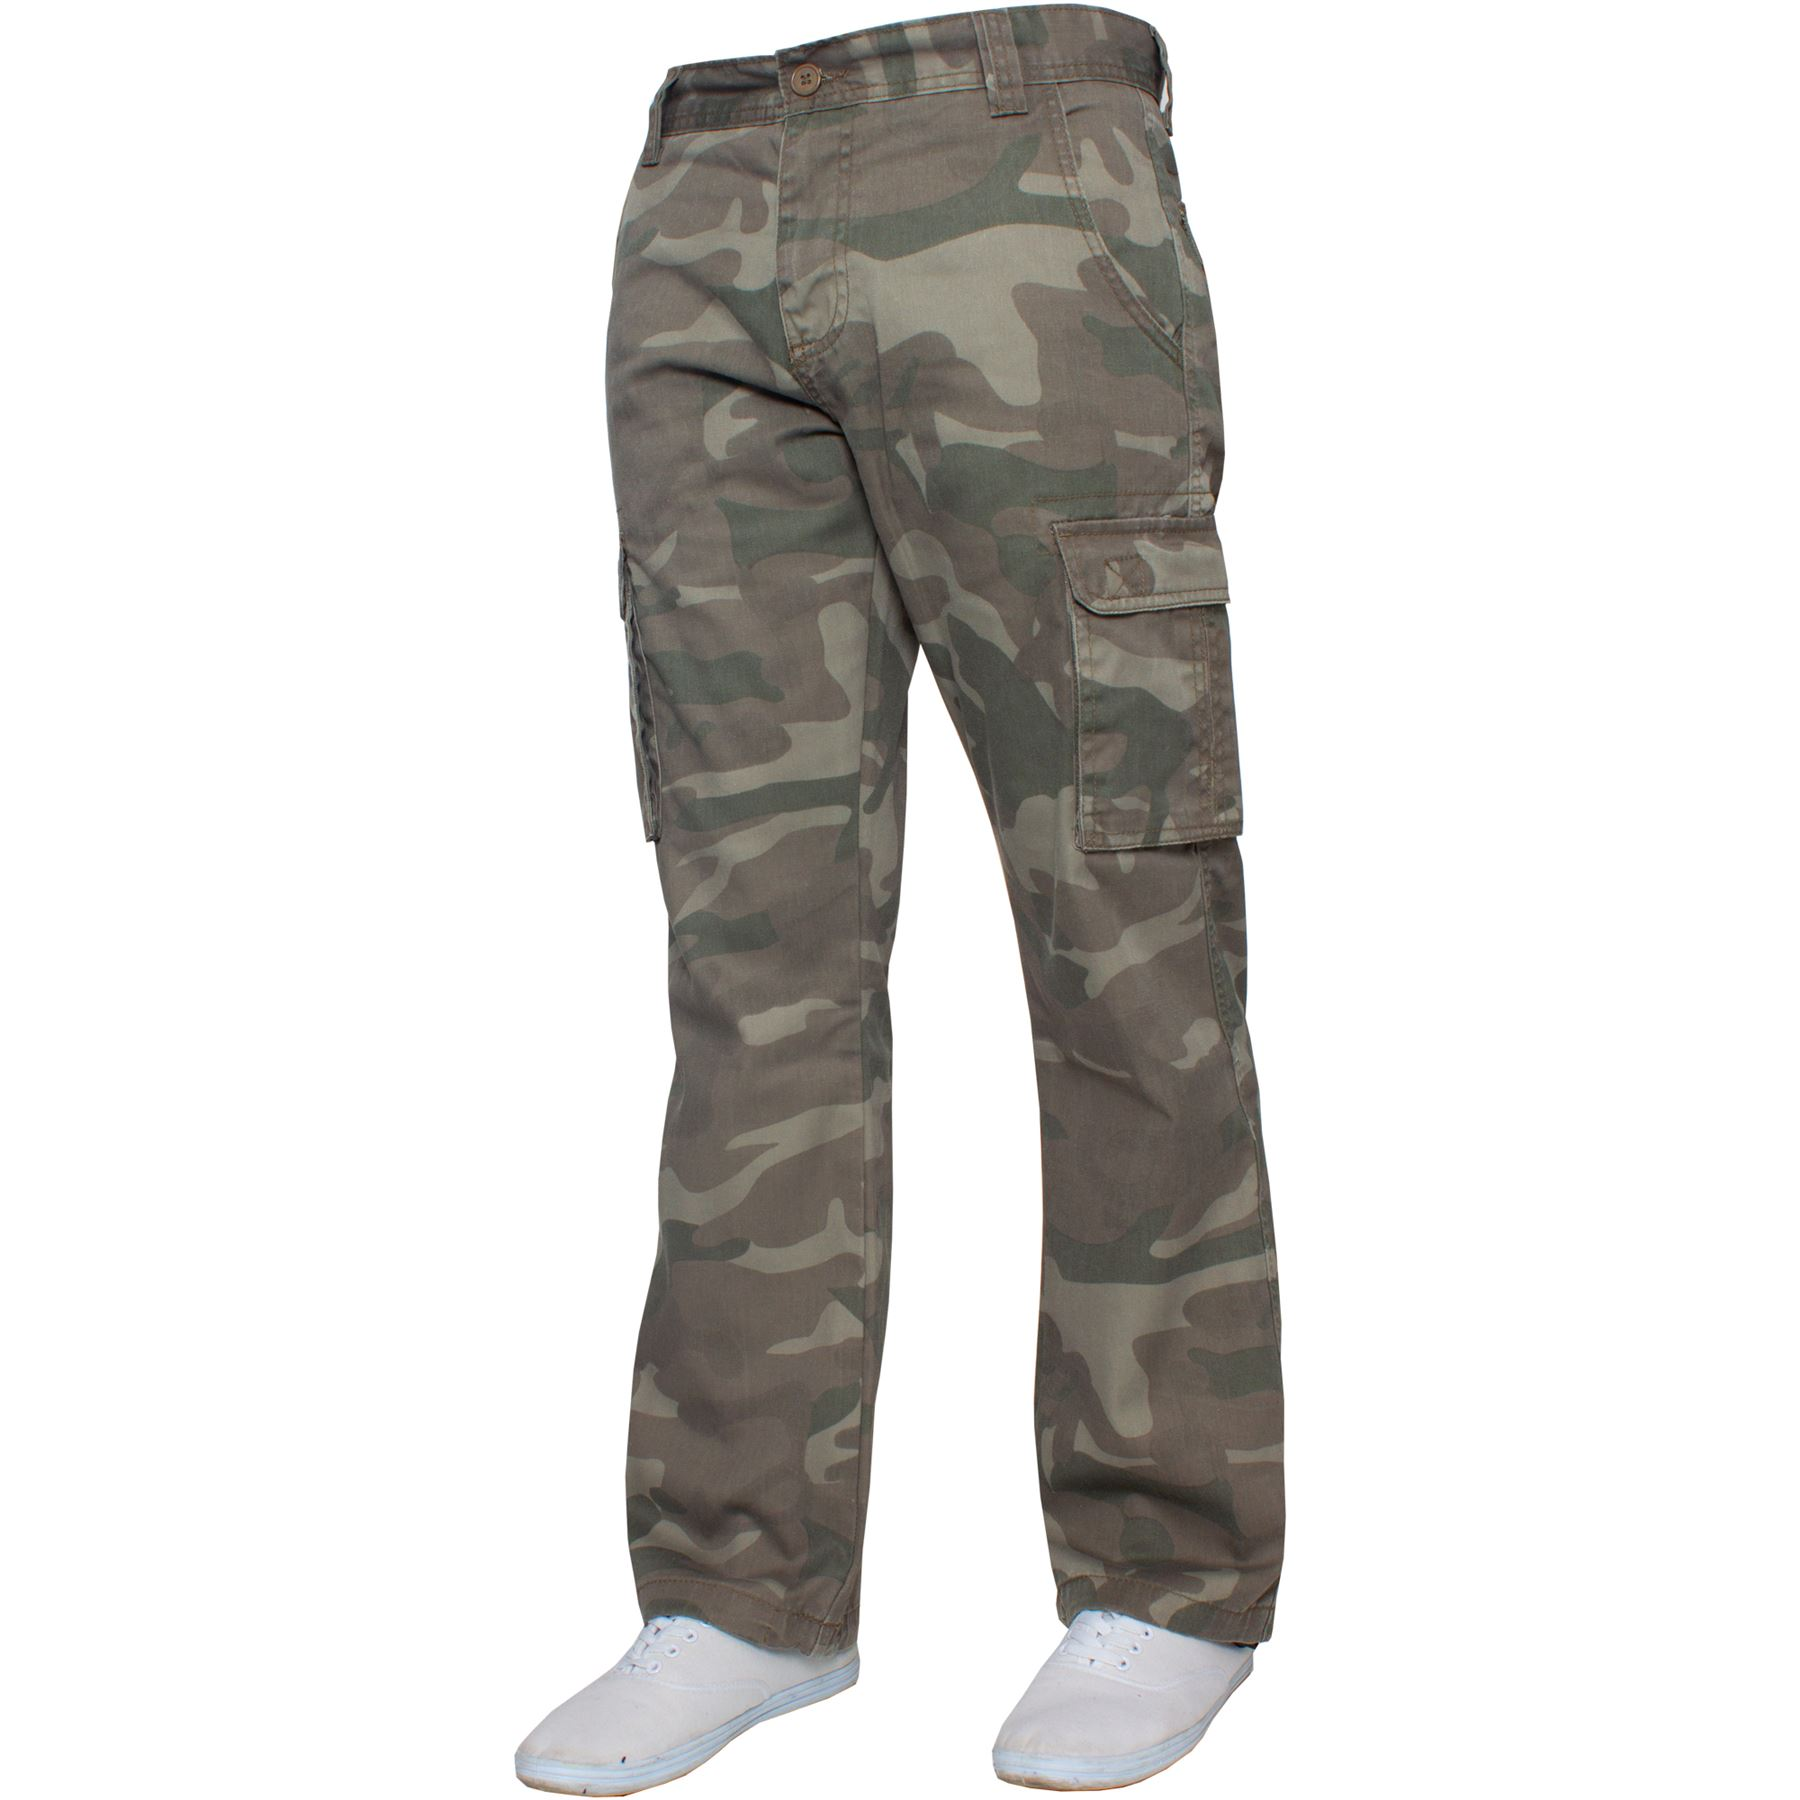 Kruze-Uomo-Militare-Pantaloni-Camouflage-Cargo-Mimetico-Casual-Lavoro miniatura 25